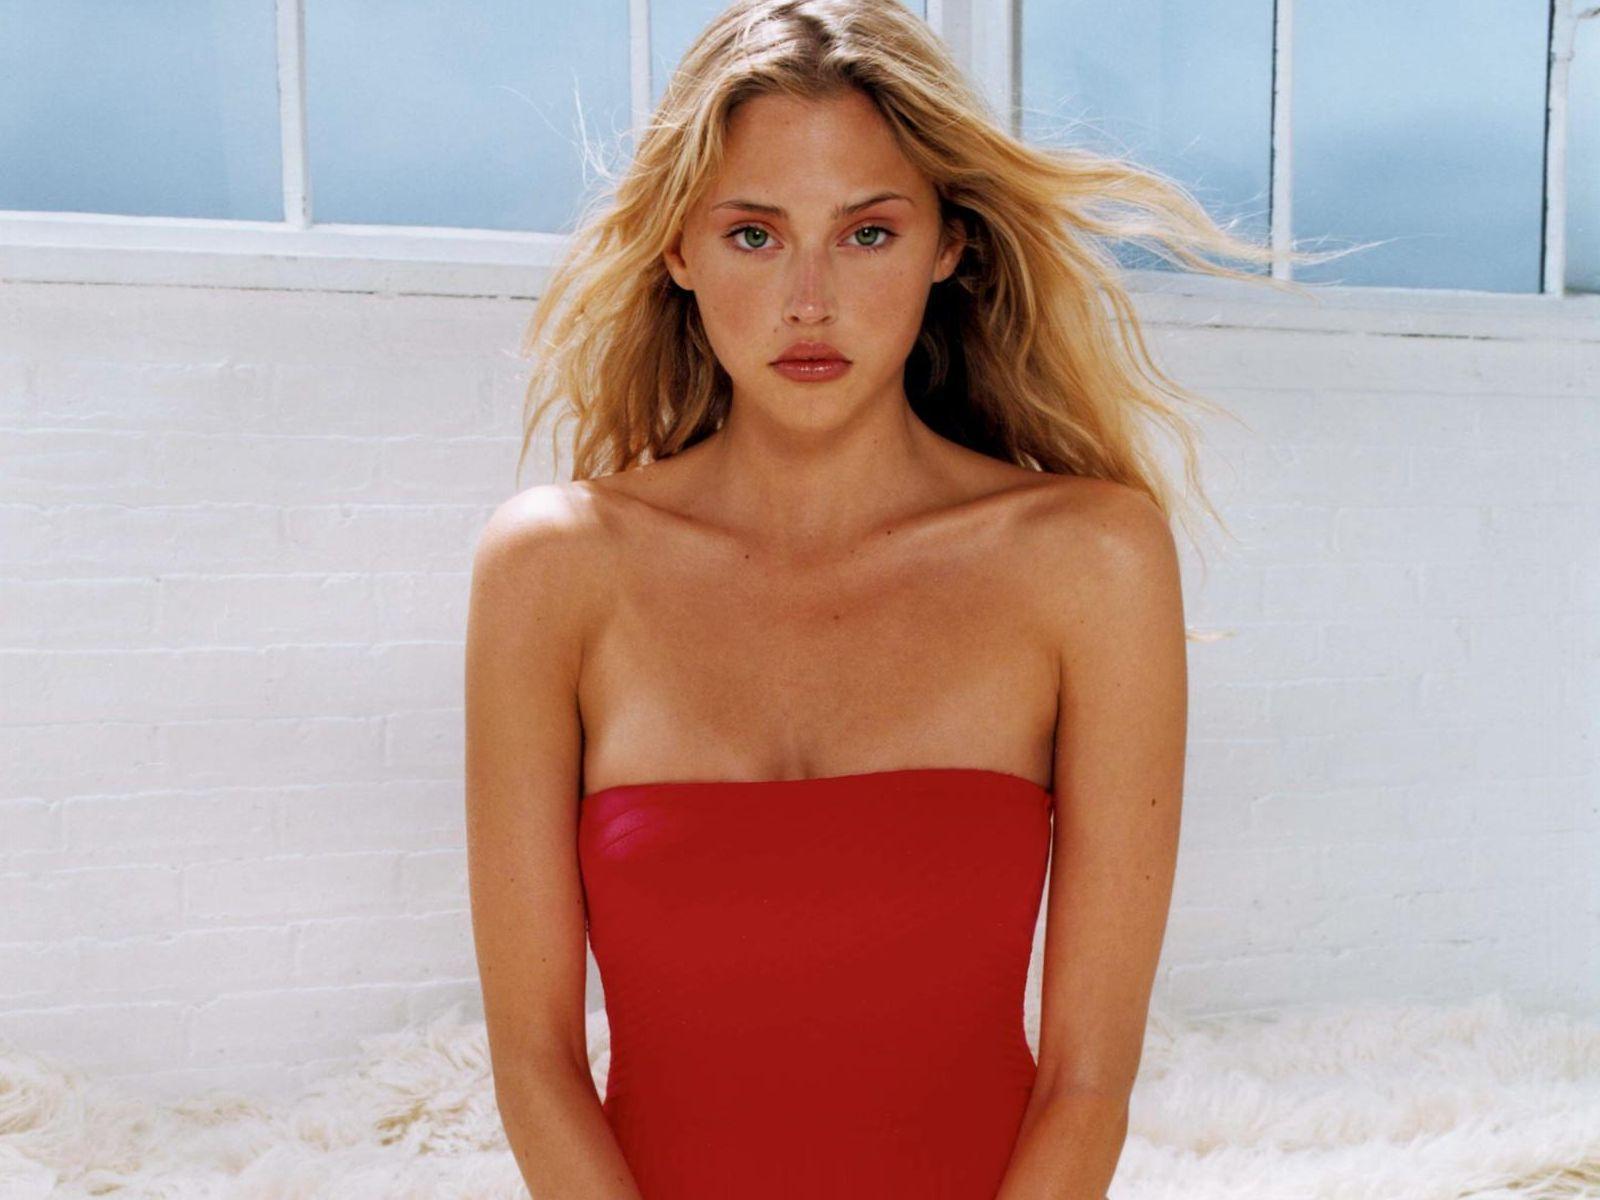 http://1.bp.blogspot.com/-W6_Z7fgUGmI/Tbji89_jGJI/AAAAAAAAOLY/1J9ssqrXZHM/s1600/canadian-actress-Estella-Warren-wallpaper%2B%25284%2529.jpg